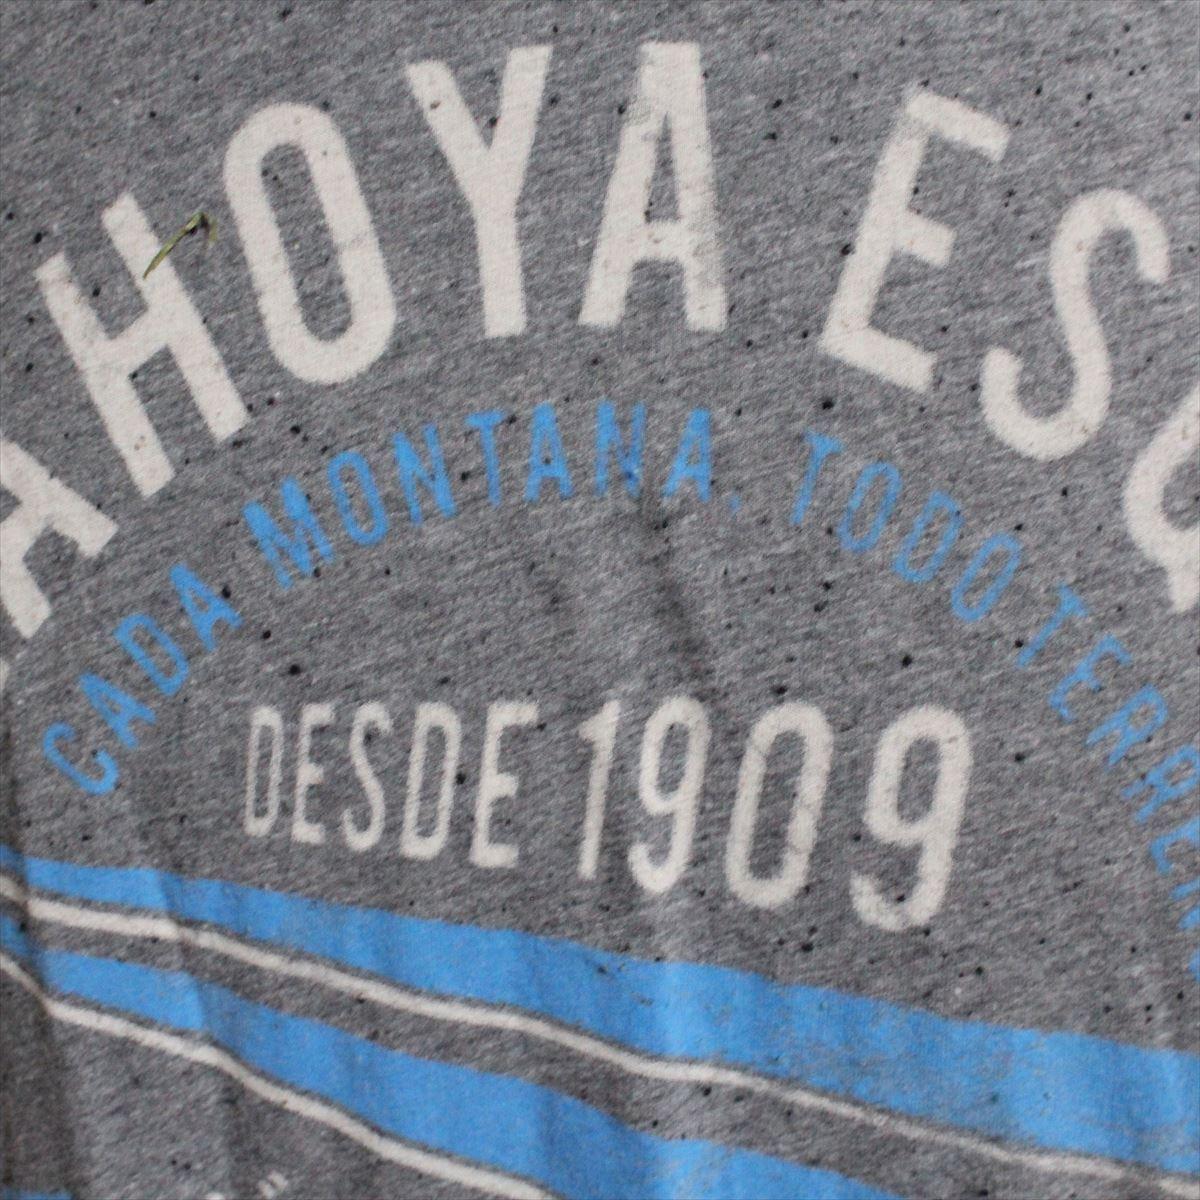 ゼインローブ ZANEROBE メンズ半袖Tシャツ グレー XSサイズ 新品 ESQUIL_画像2